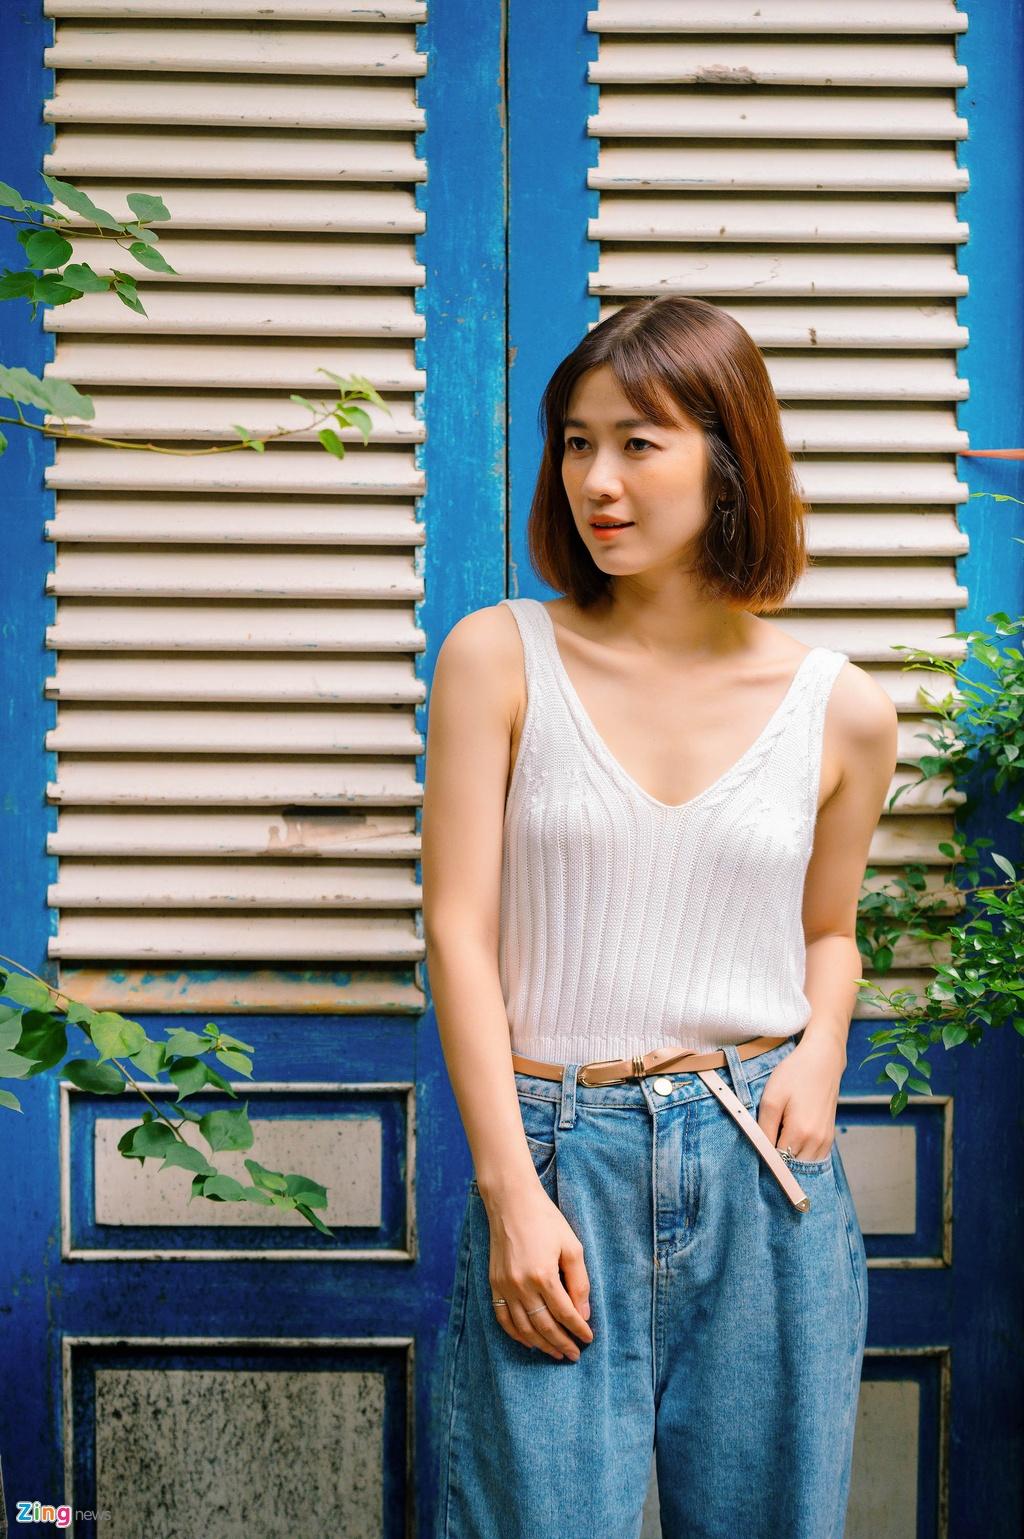 Nhan sac Oanh Kieu Tieng set trong mua anh 4